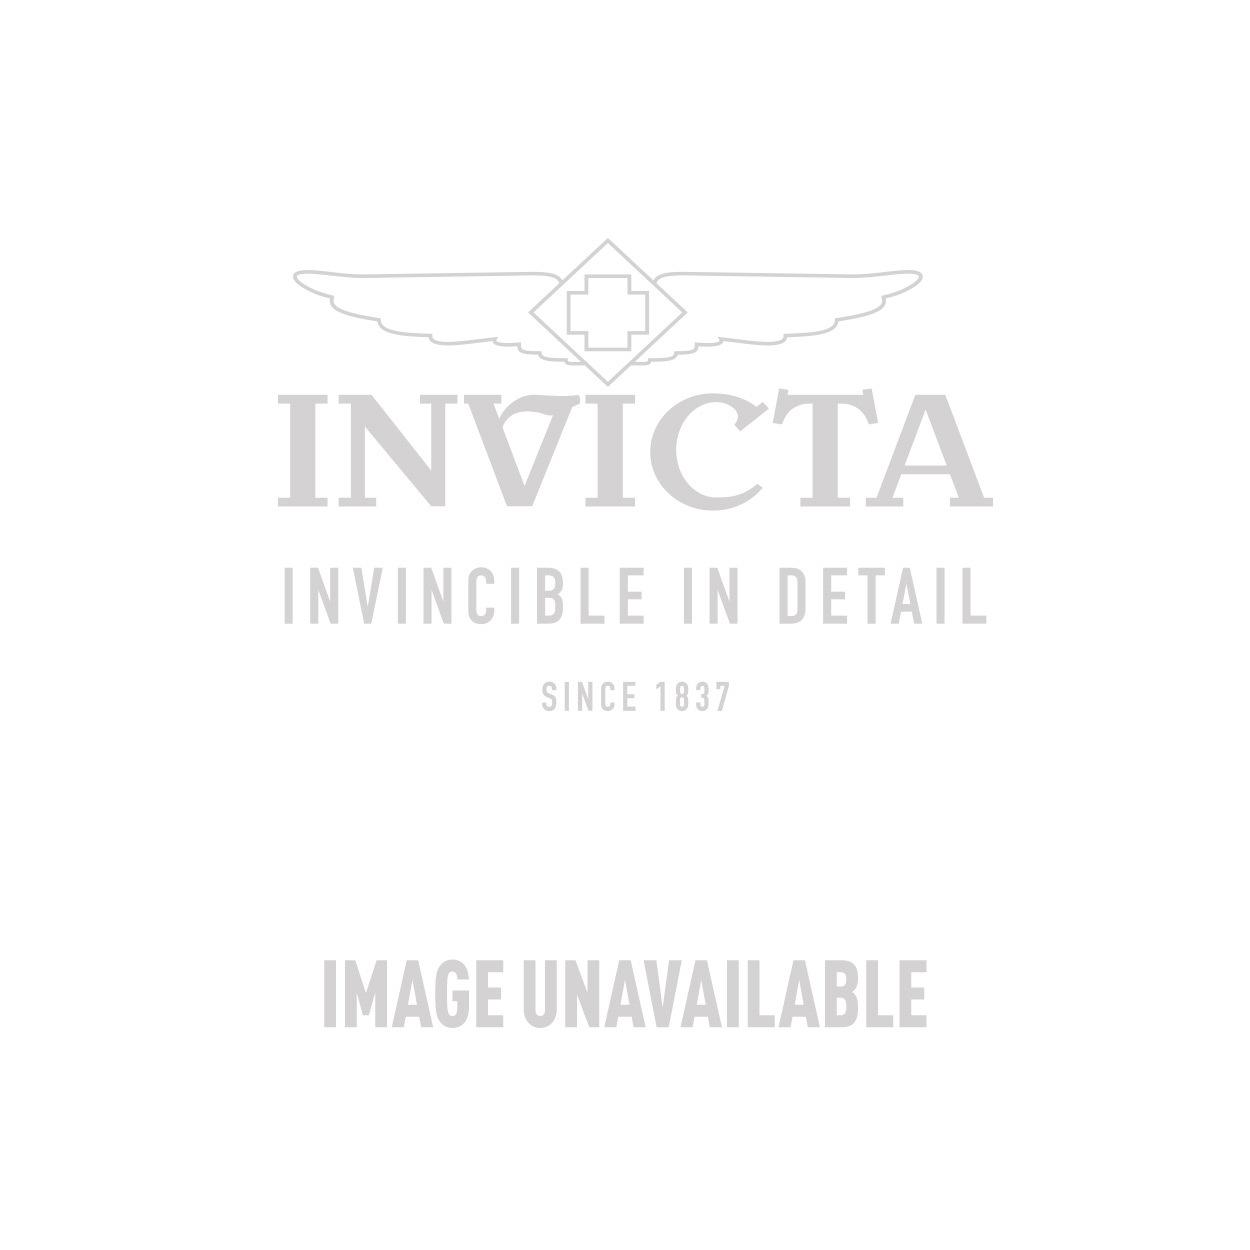 Invicta Model 25581